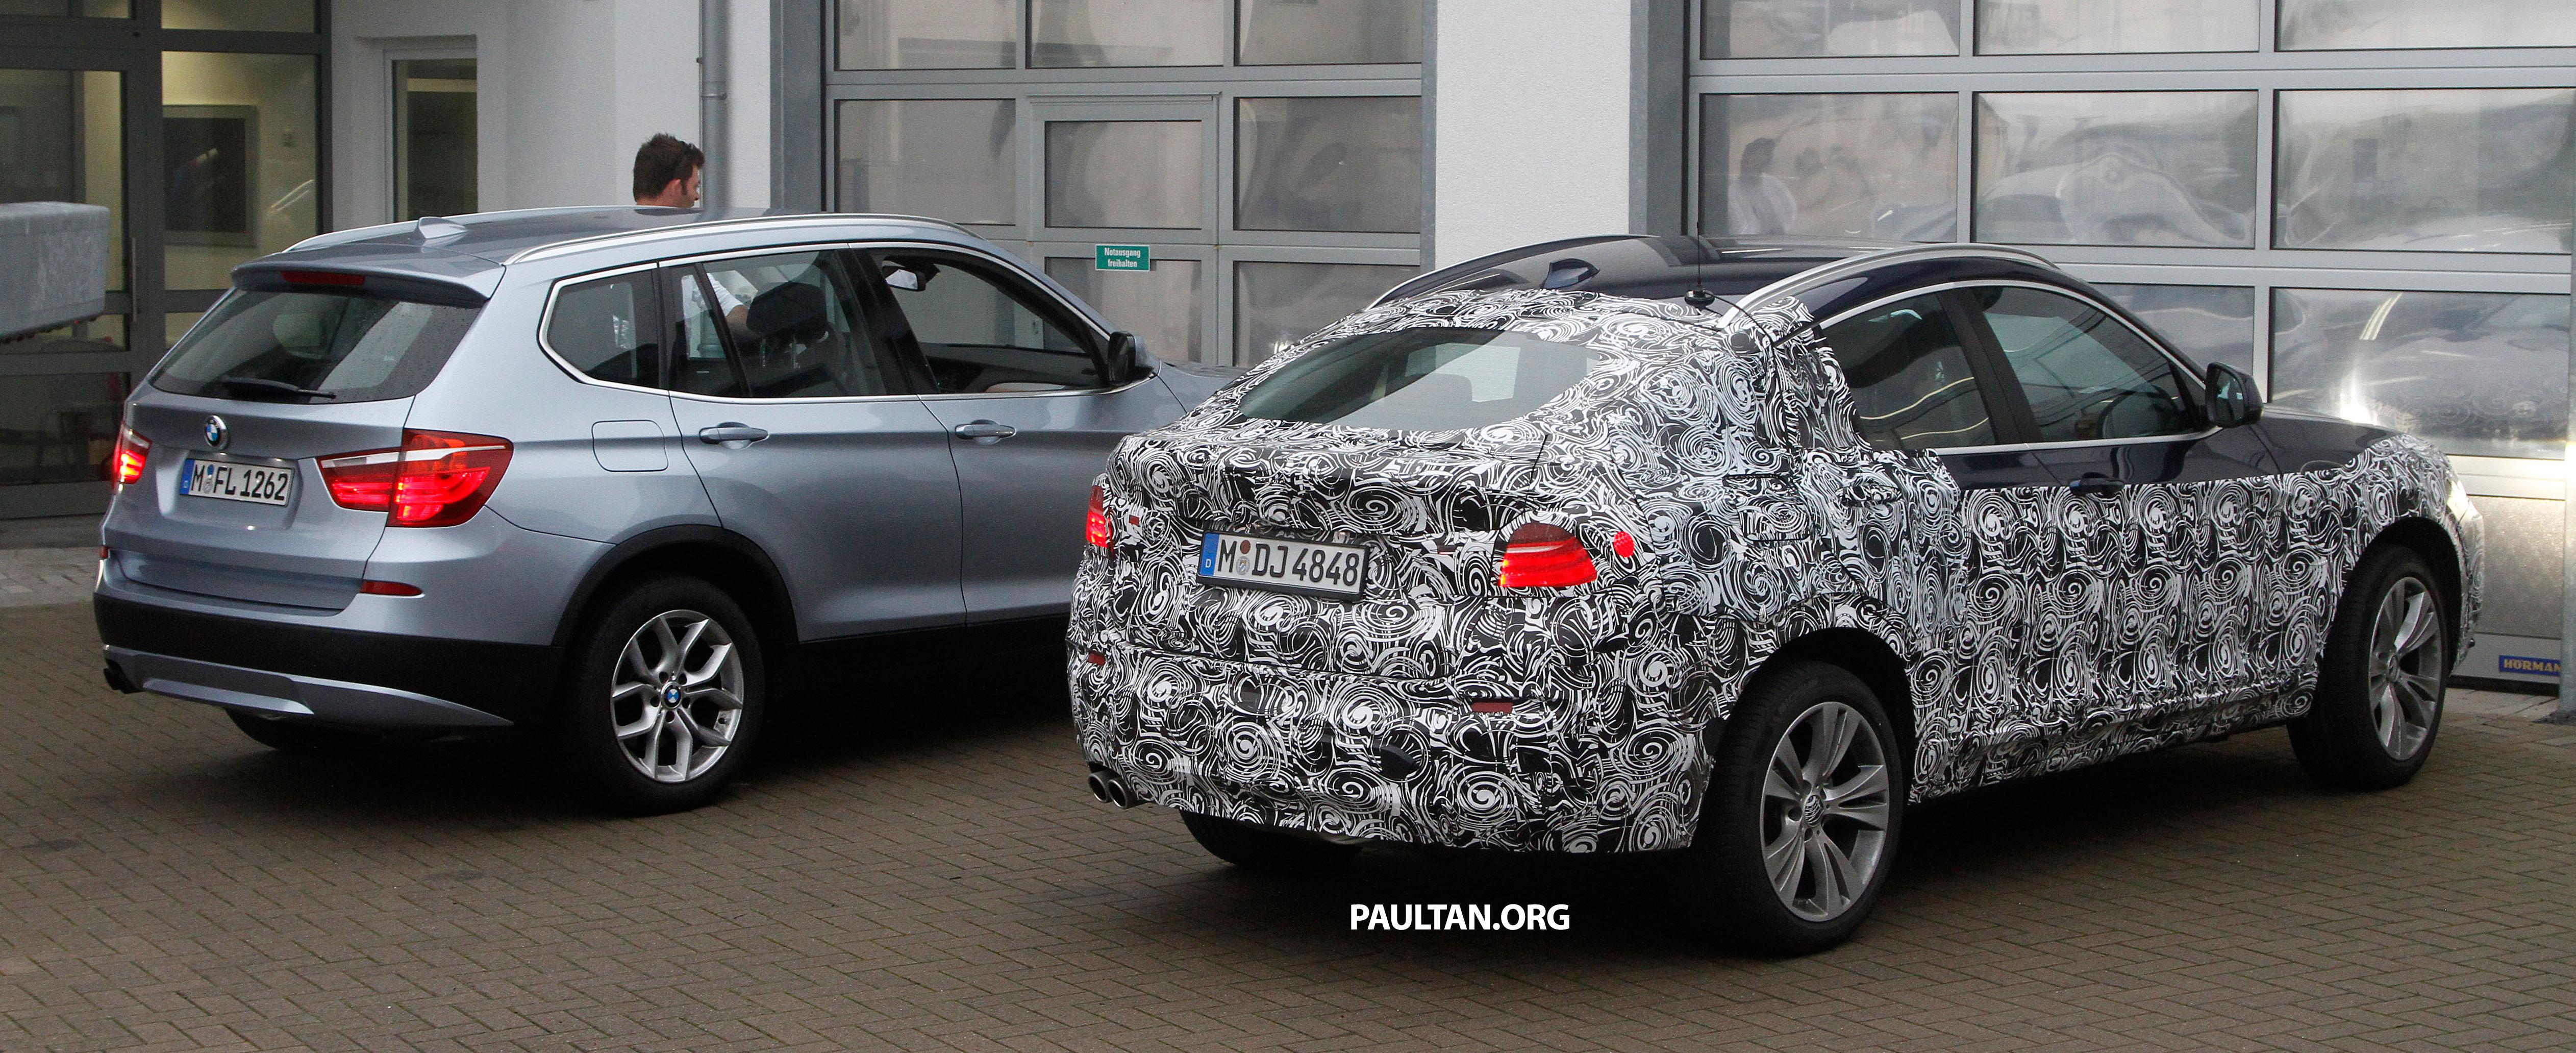 SPYSHOTS: BMW X4 Interior Revealed, Similar To X3 Image #202101